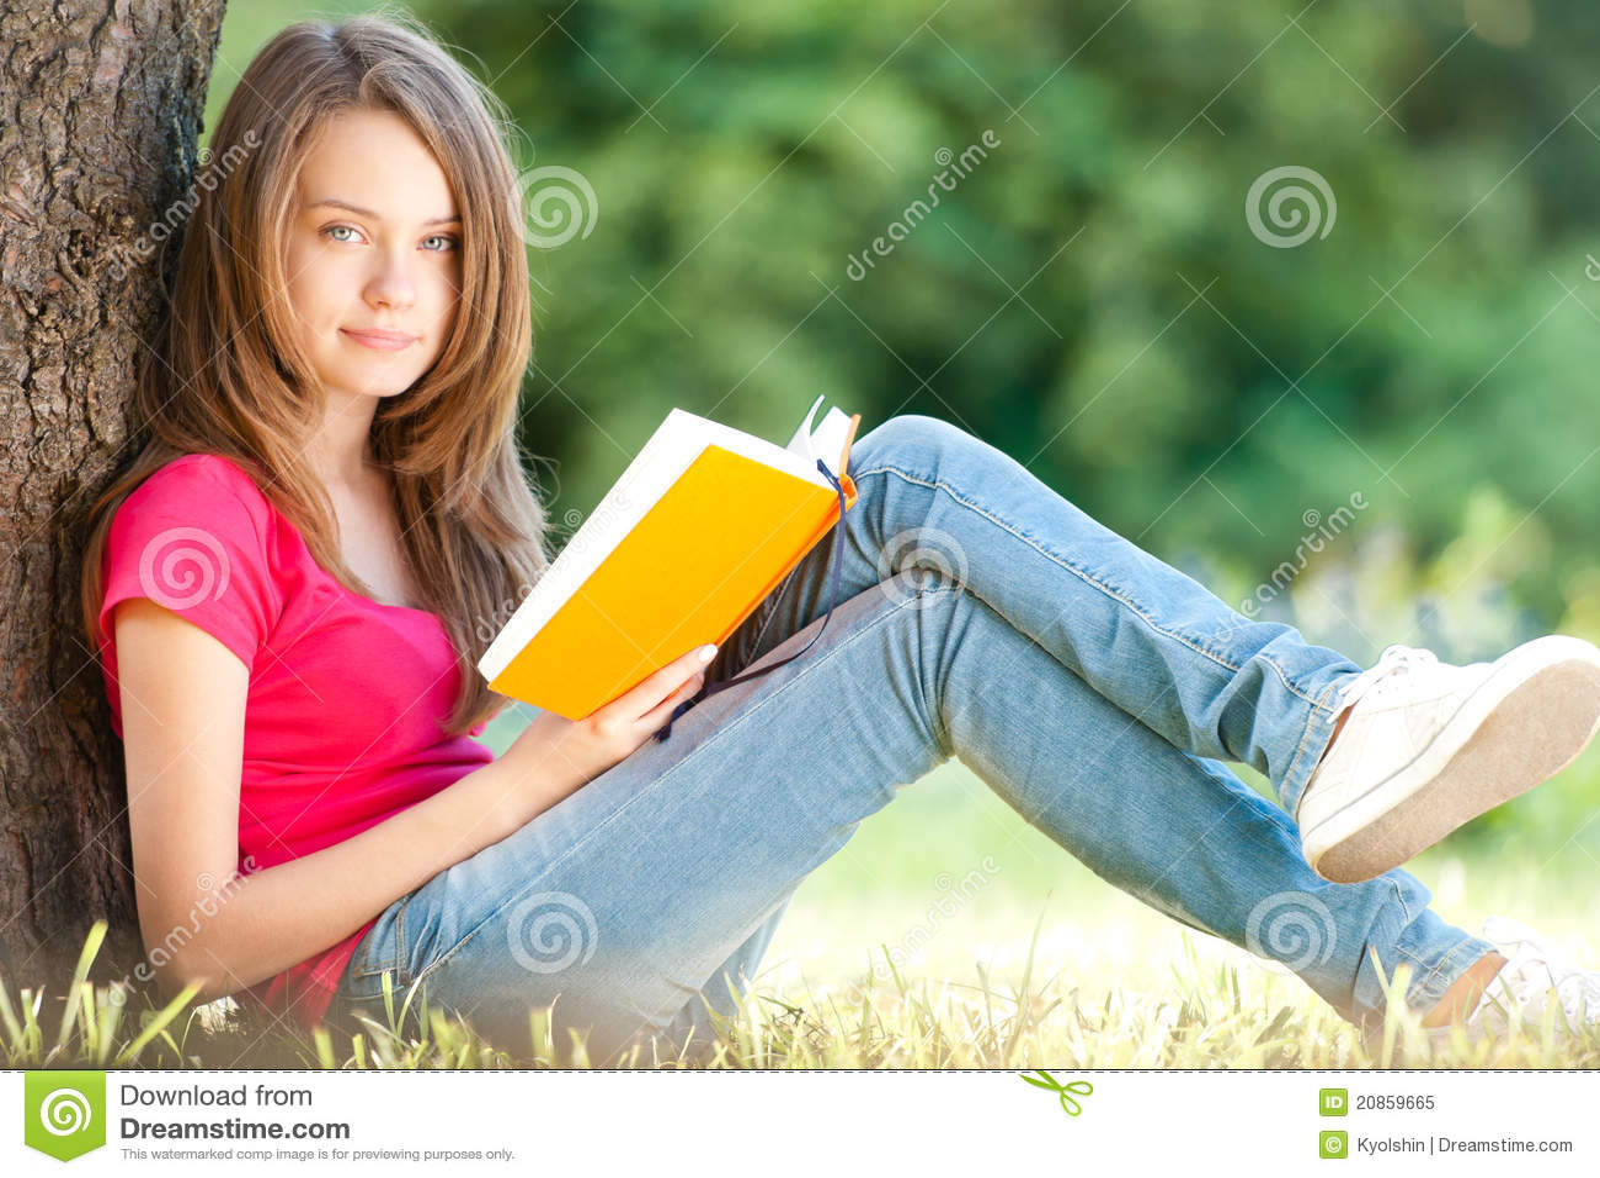 Студентка на траве 10 фотография